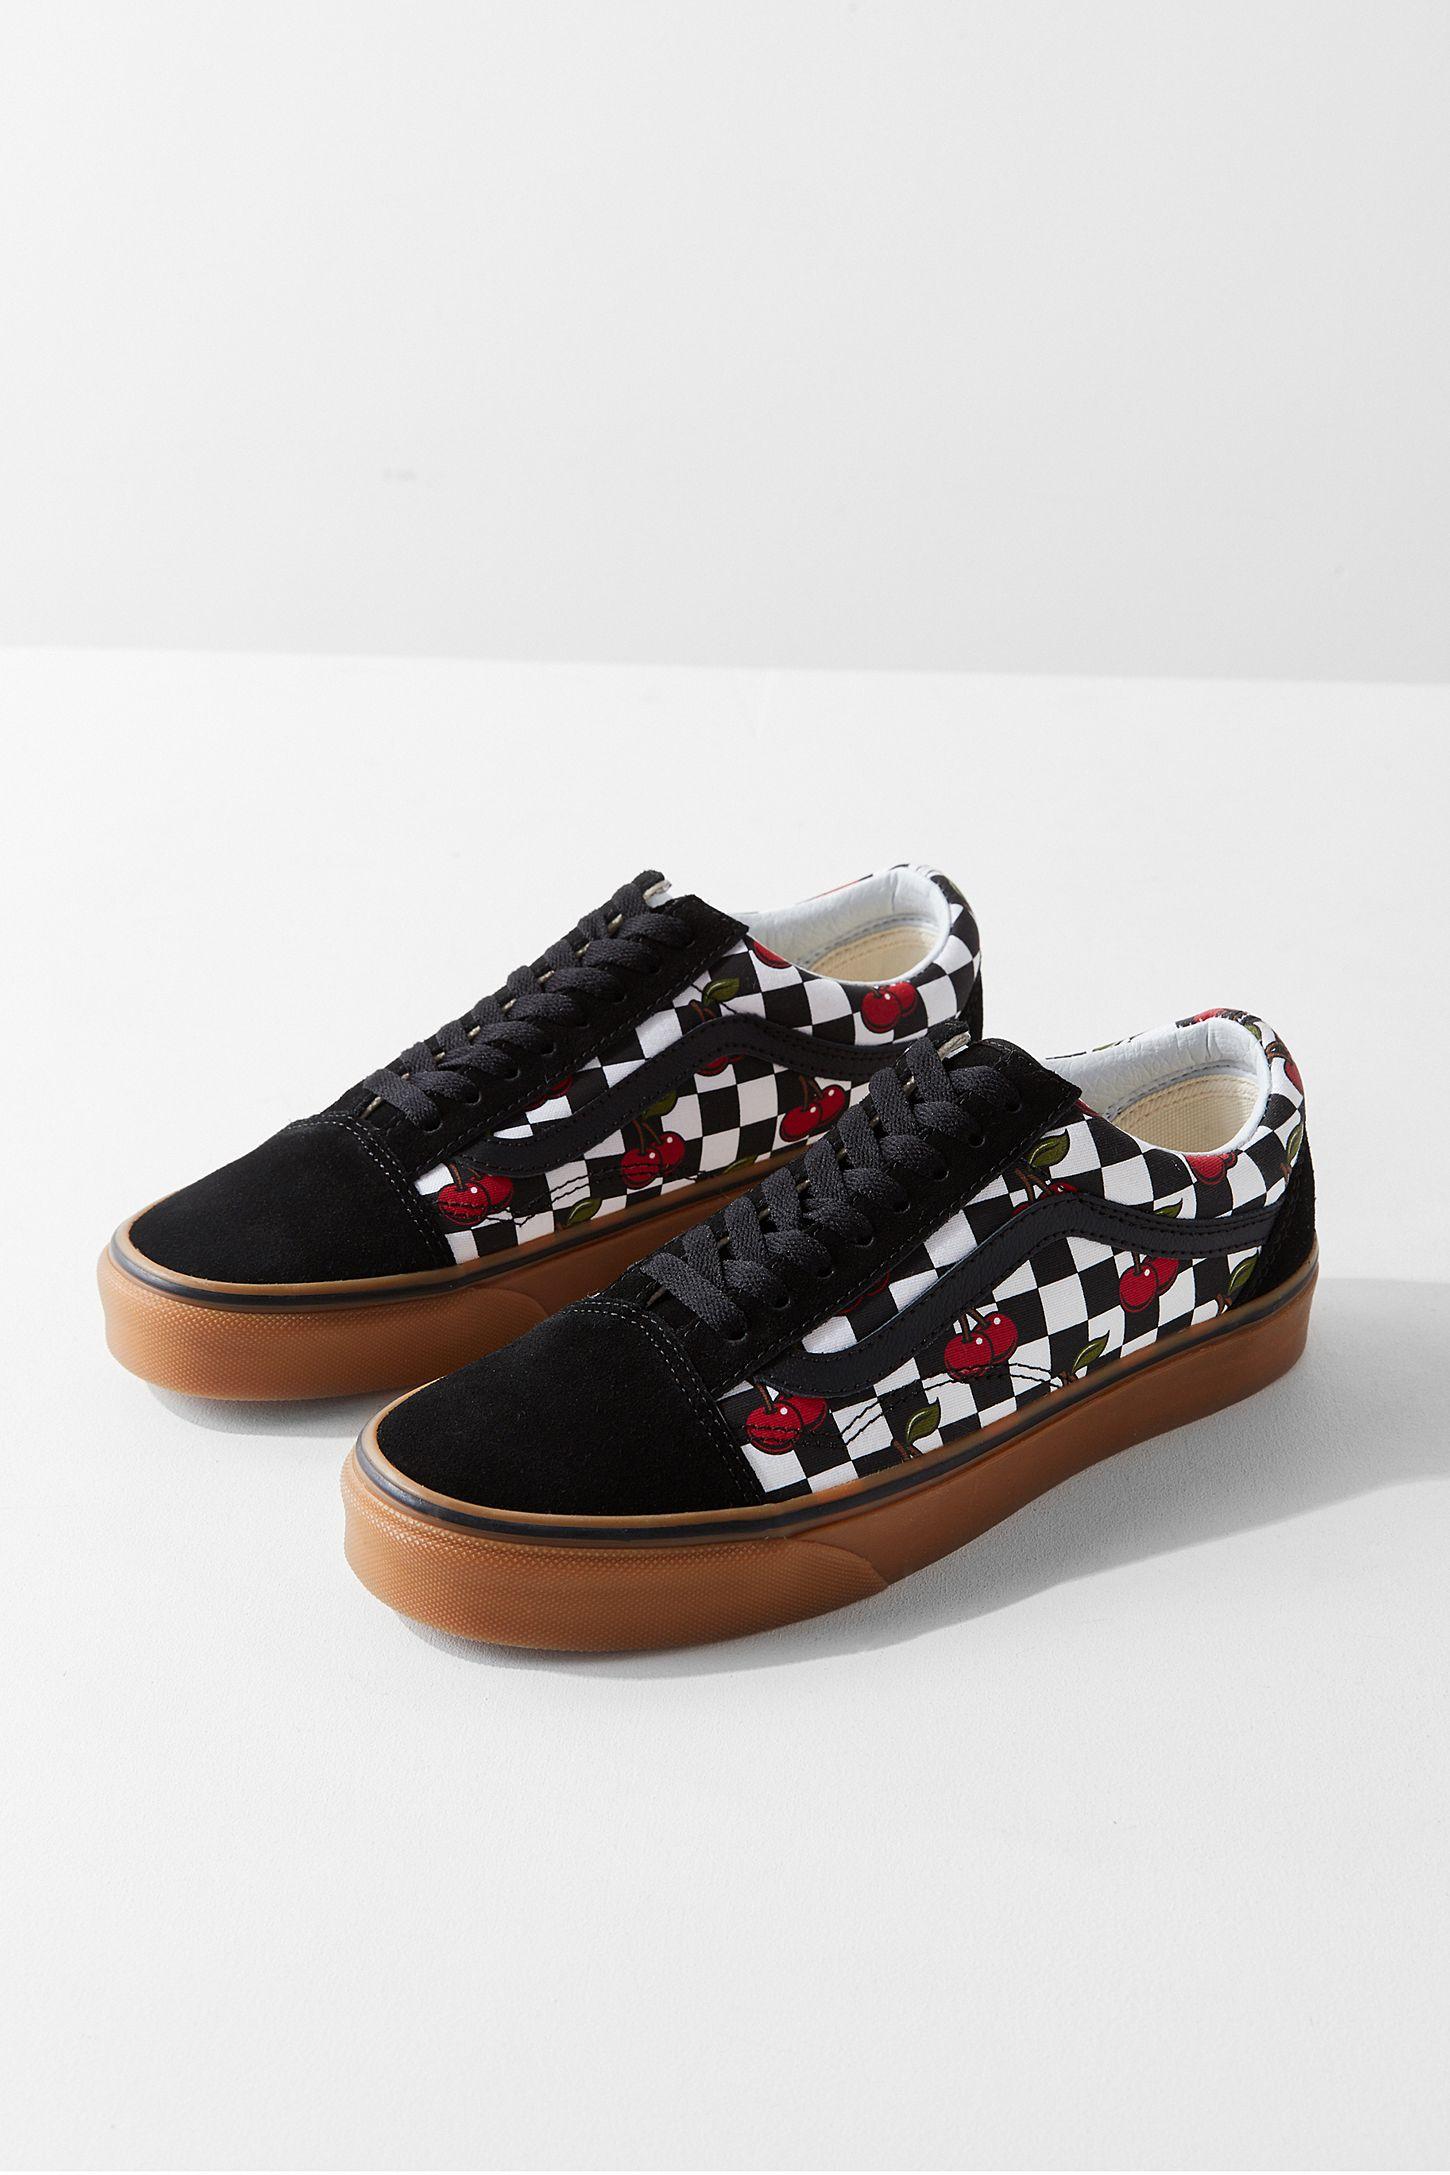 8c5ddc8137 Vans Cherry Checkerboard Old Skool Sneaker